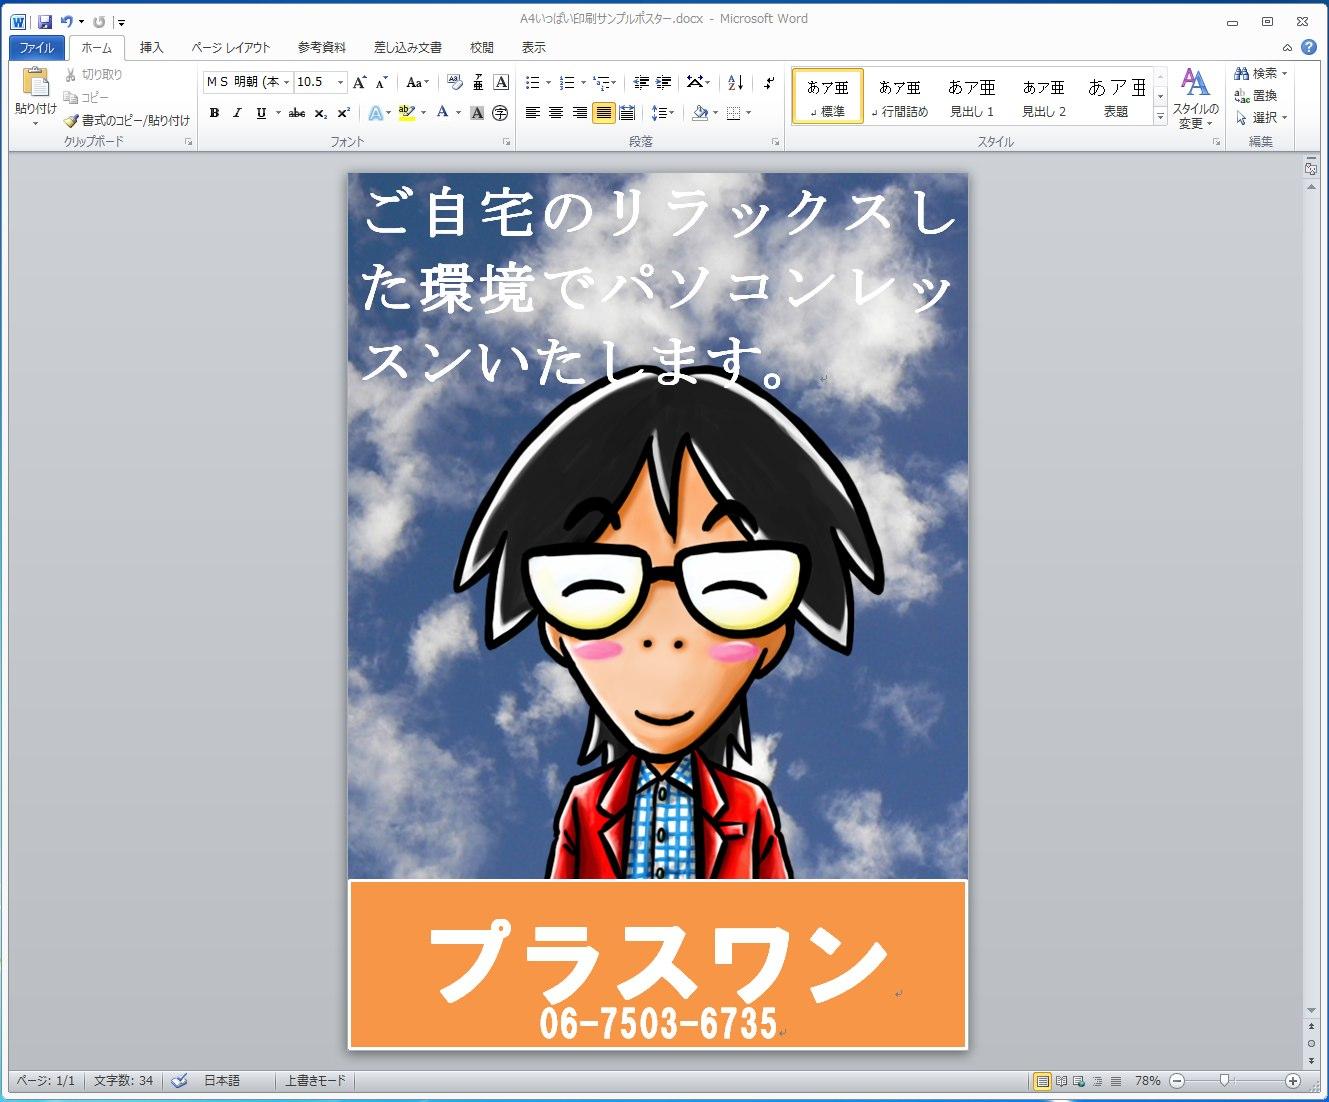 ワード 余白を作らないa4用紙いっぱいの印刷 mac マック pc